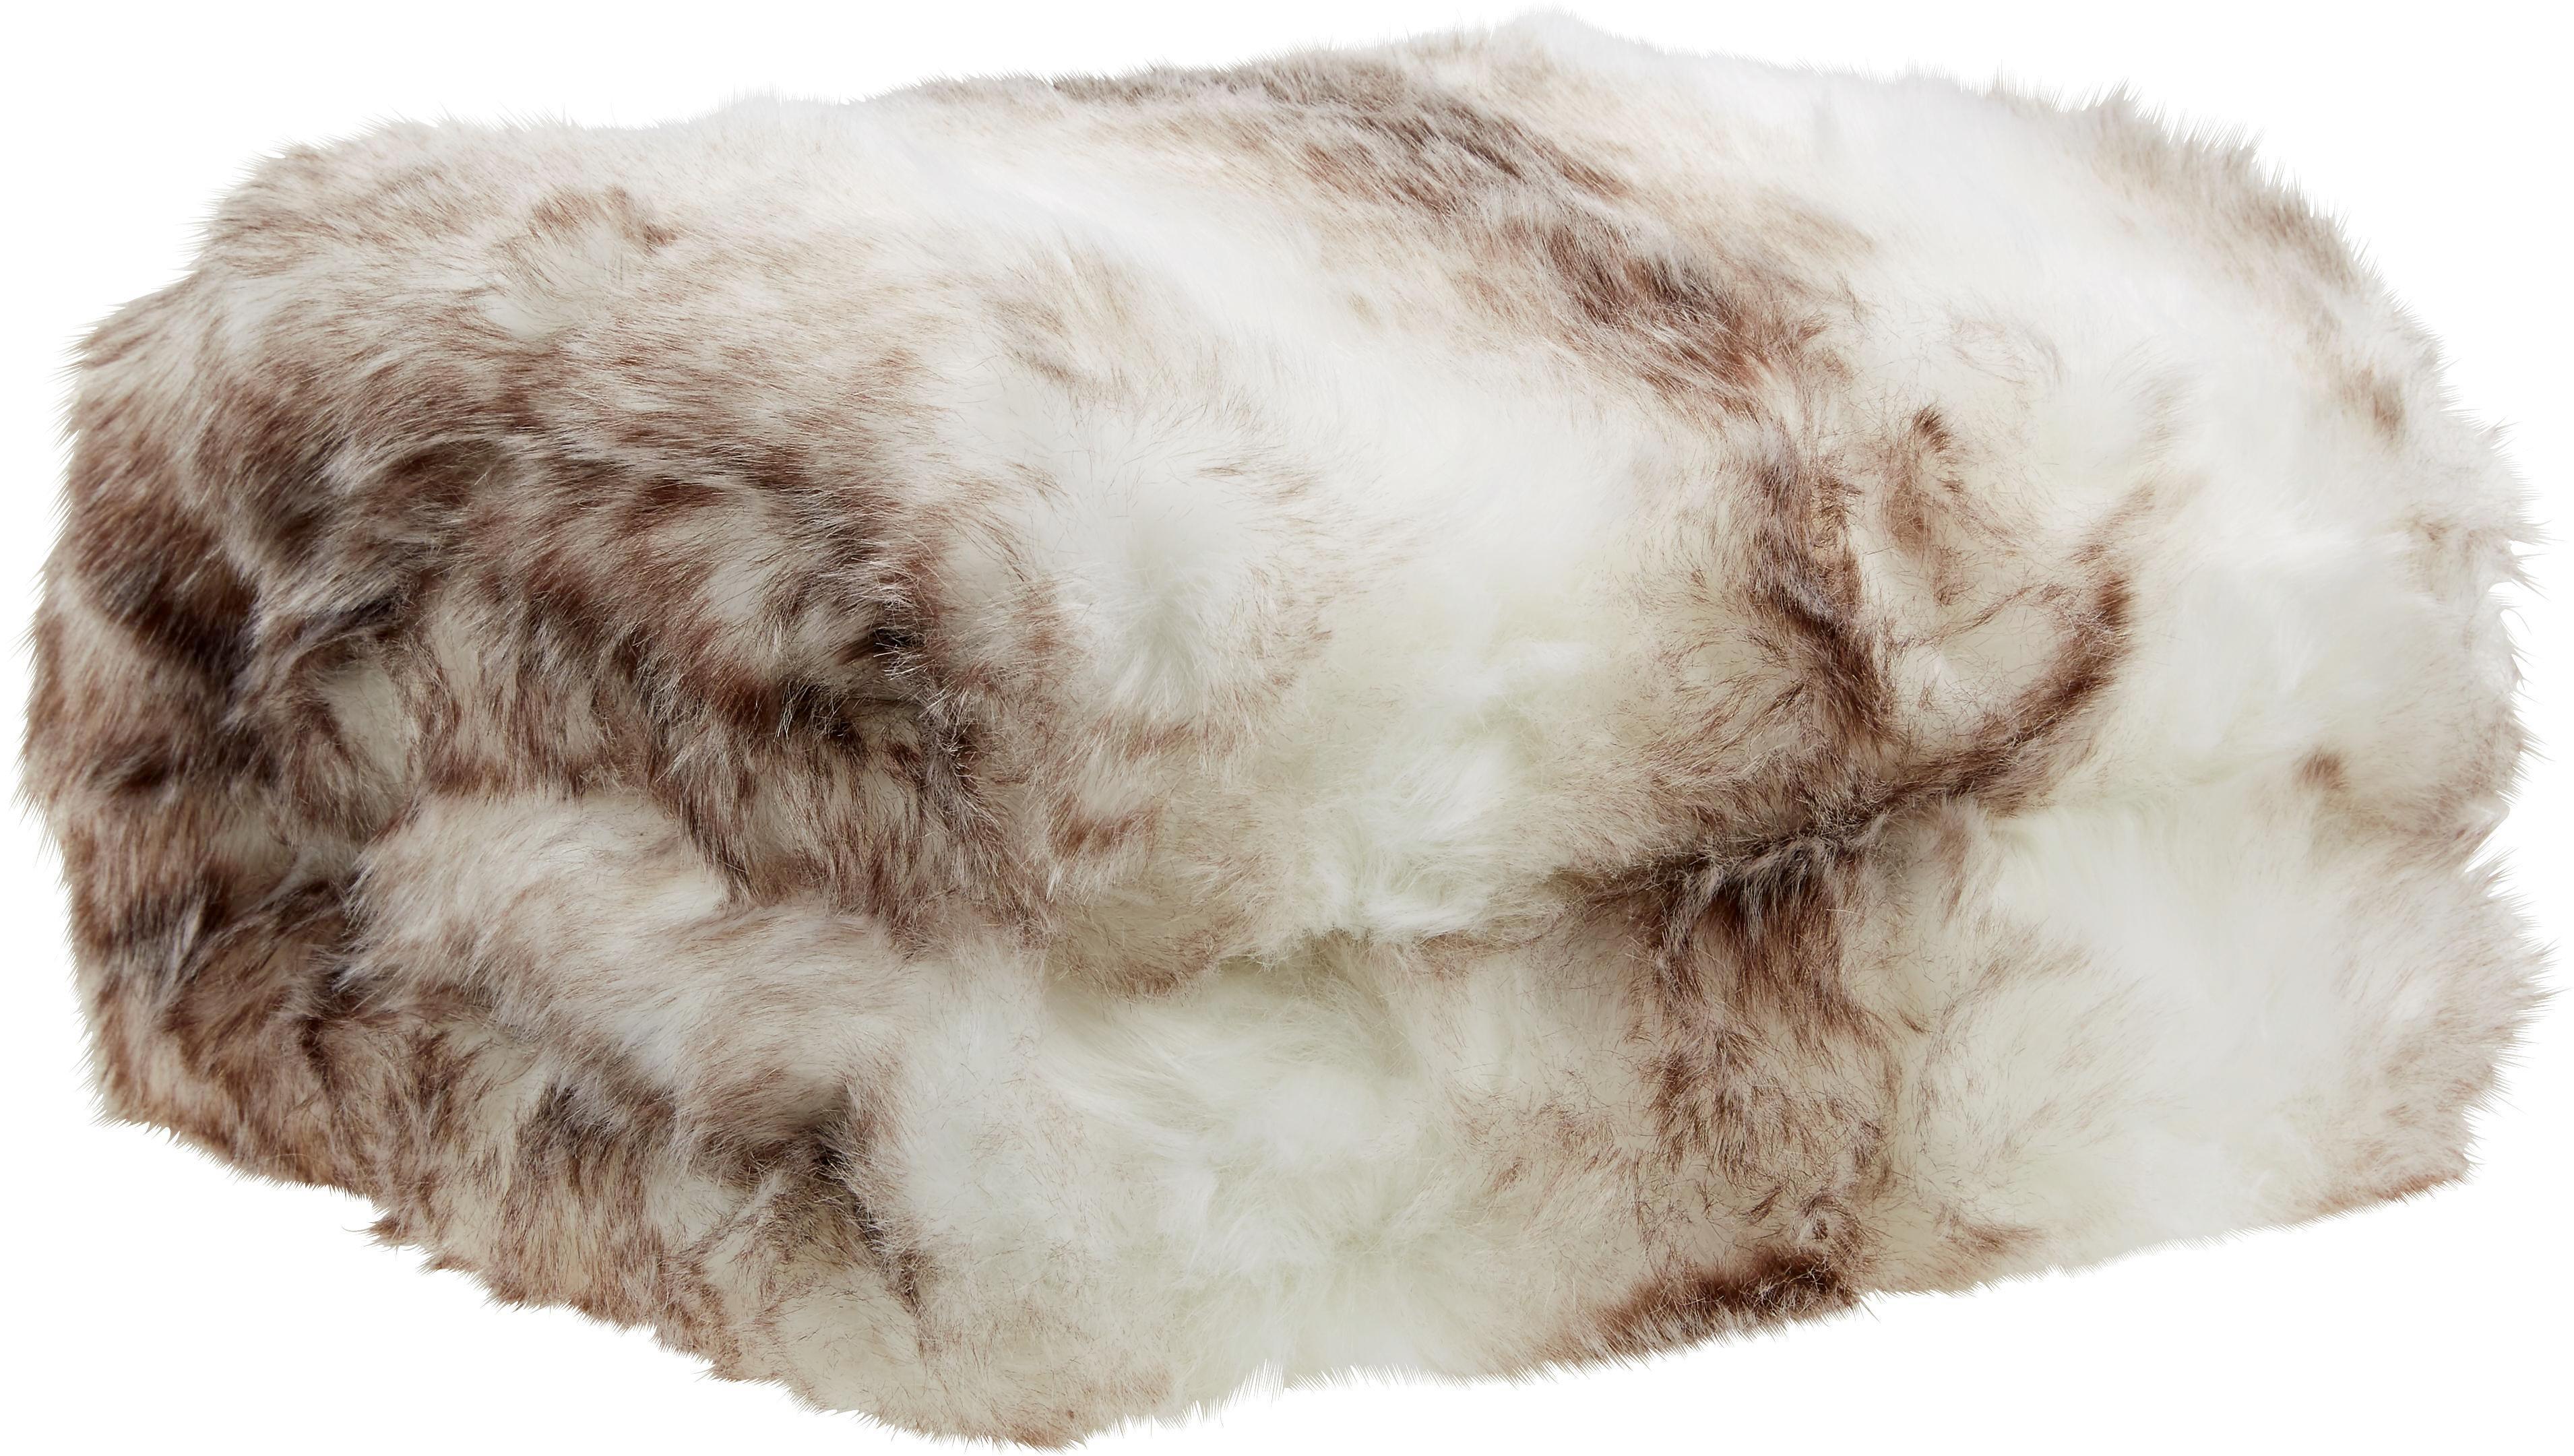 Kuscheldecke Hazel in Weiß/Braun - Braun/Weiß, Textil (130/180cm) - INSIDO